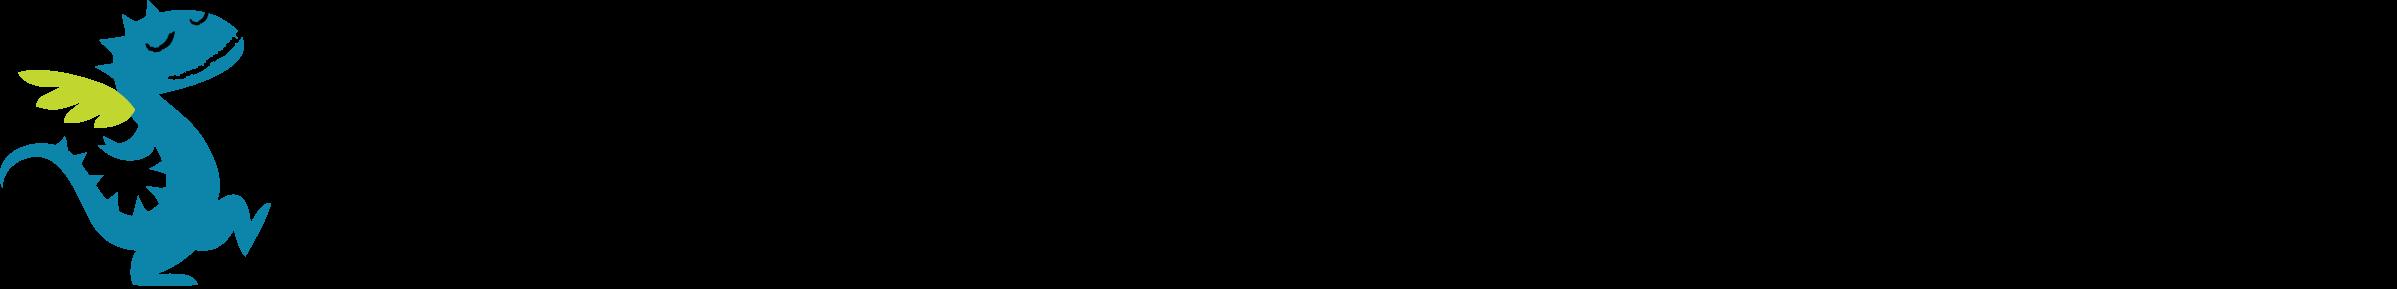 Jabberwocky Studios Logo